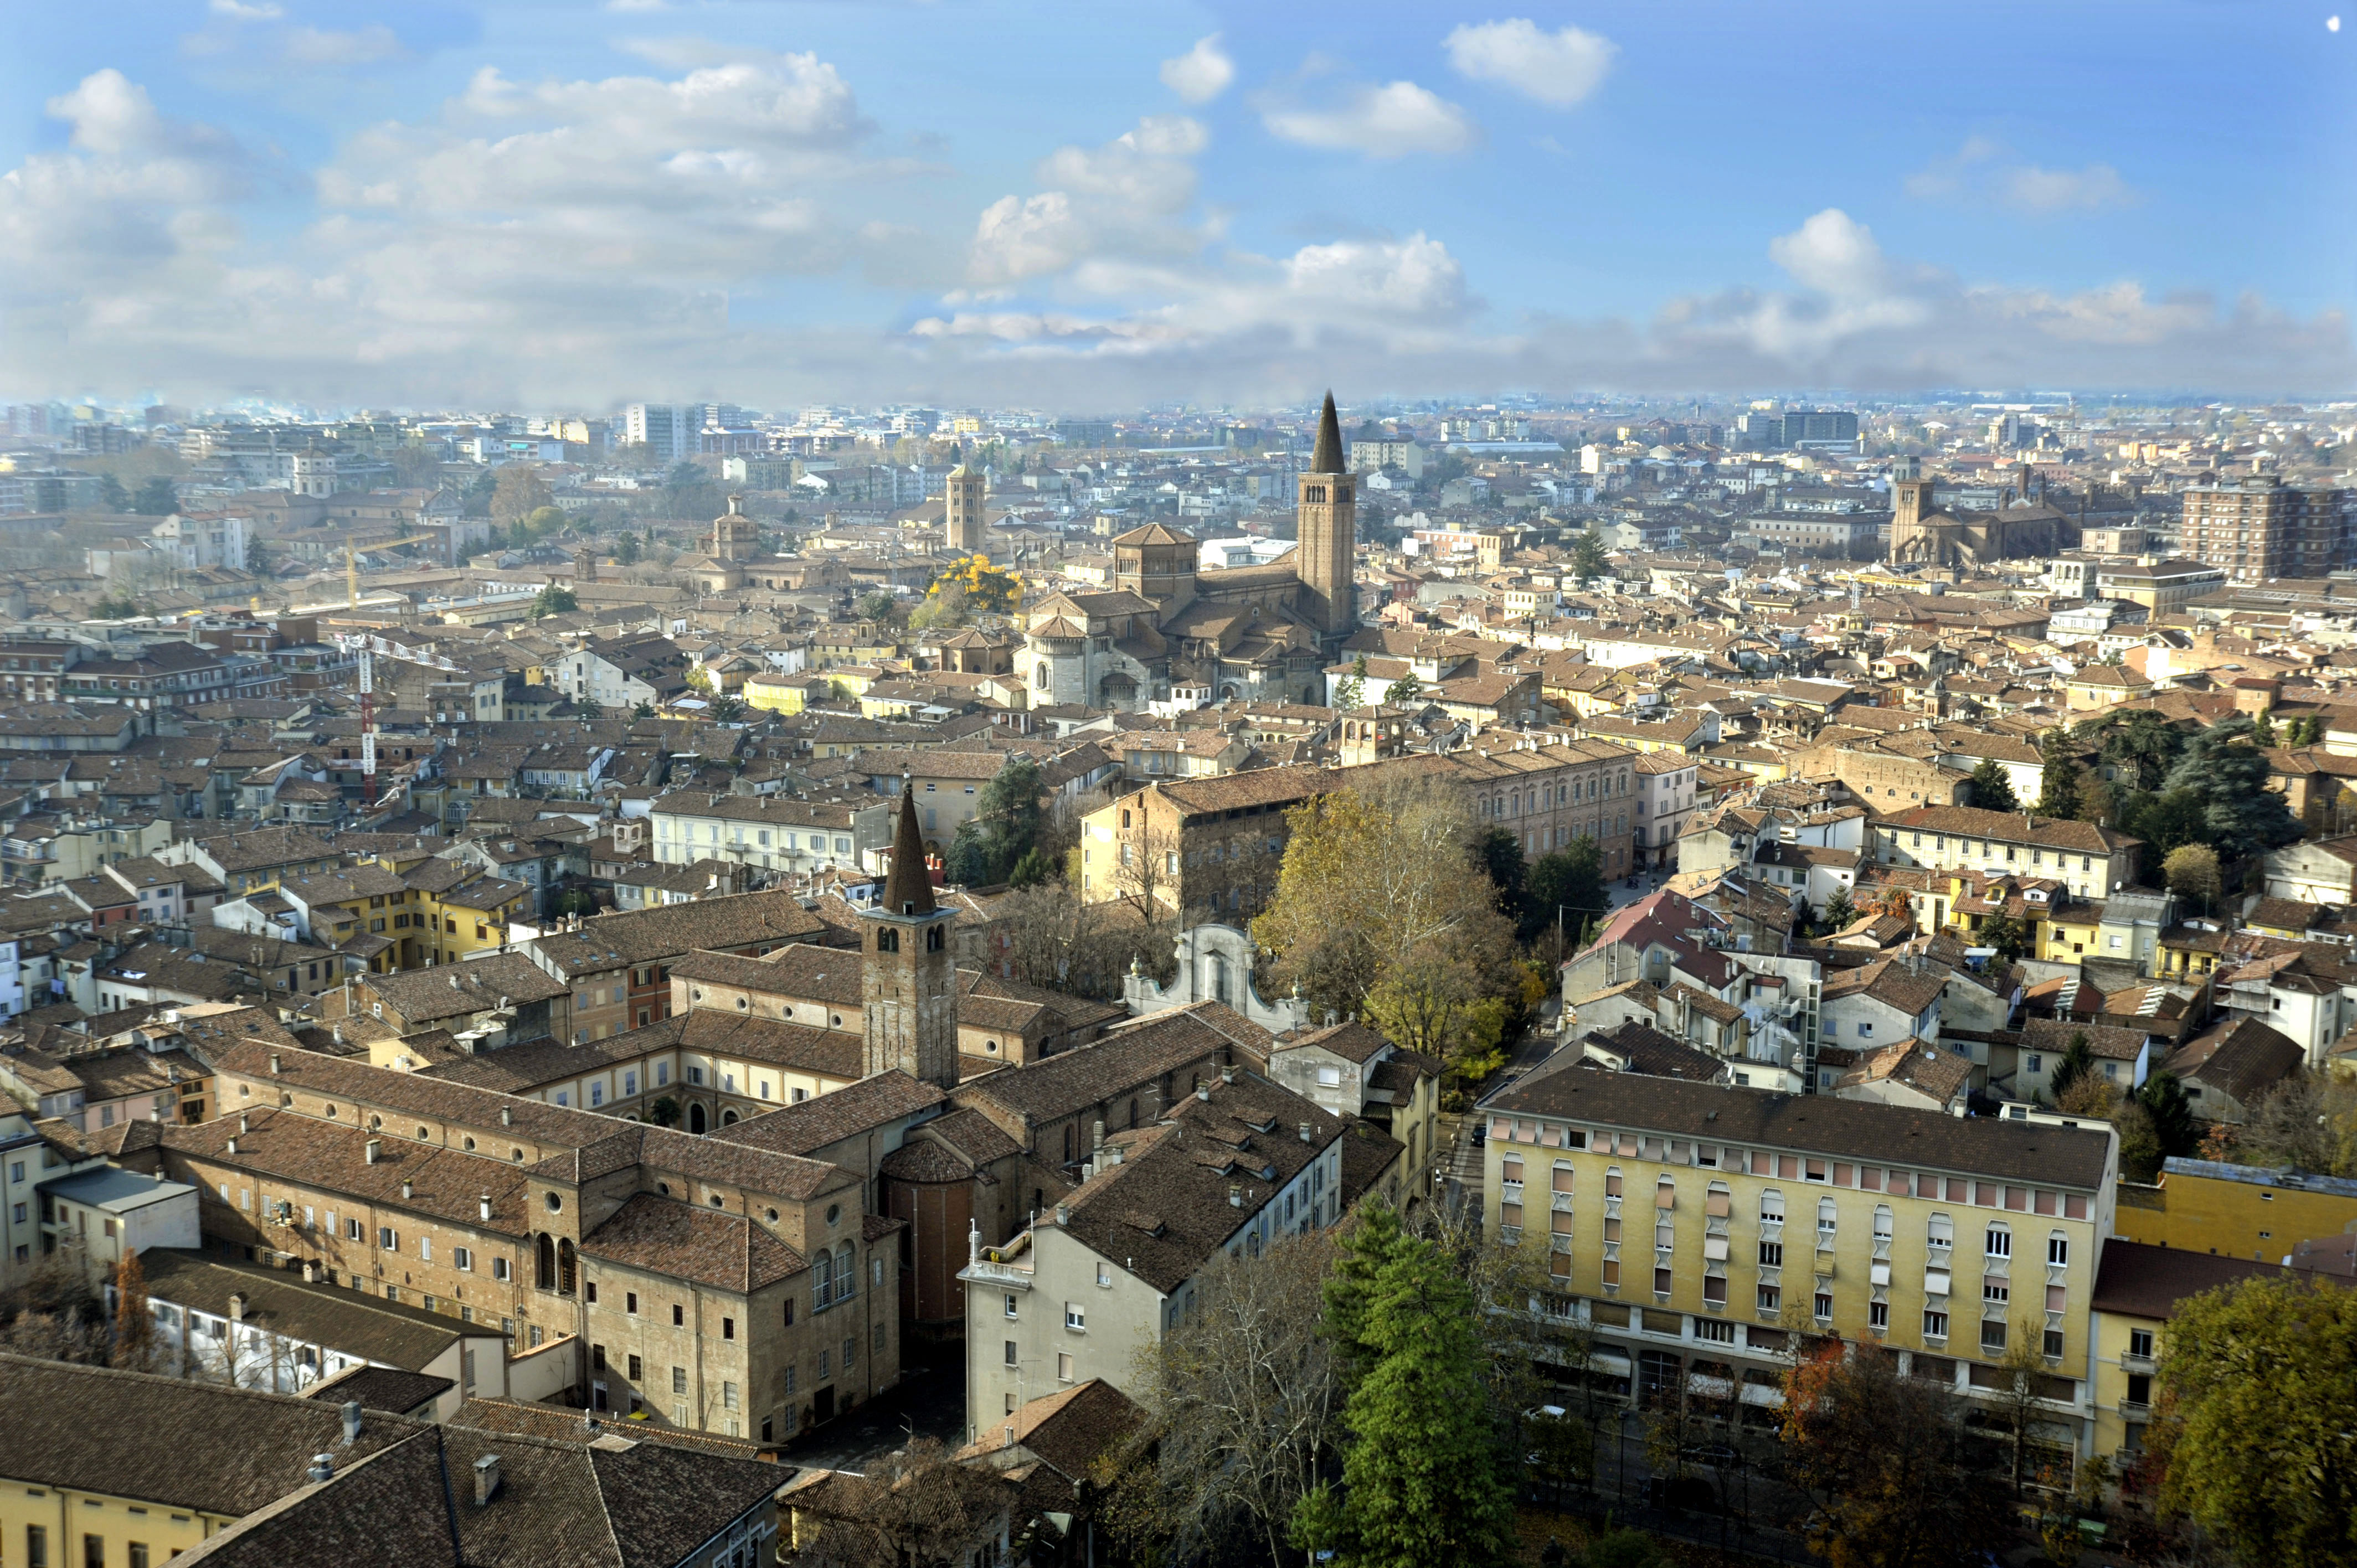 Nuovo ospedale, il sindaco a Bologna per esaminare lo studio di pre-fattibilità